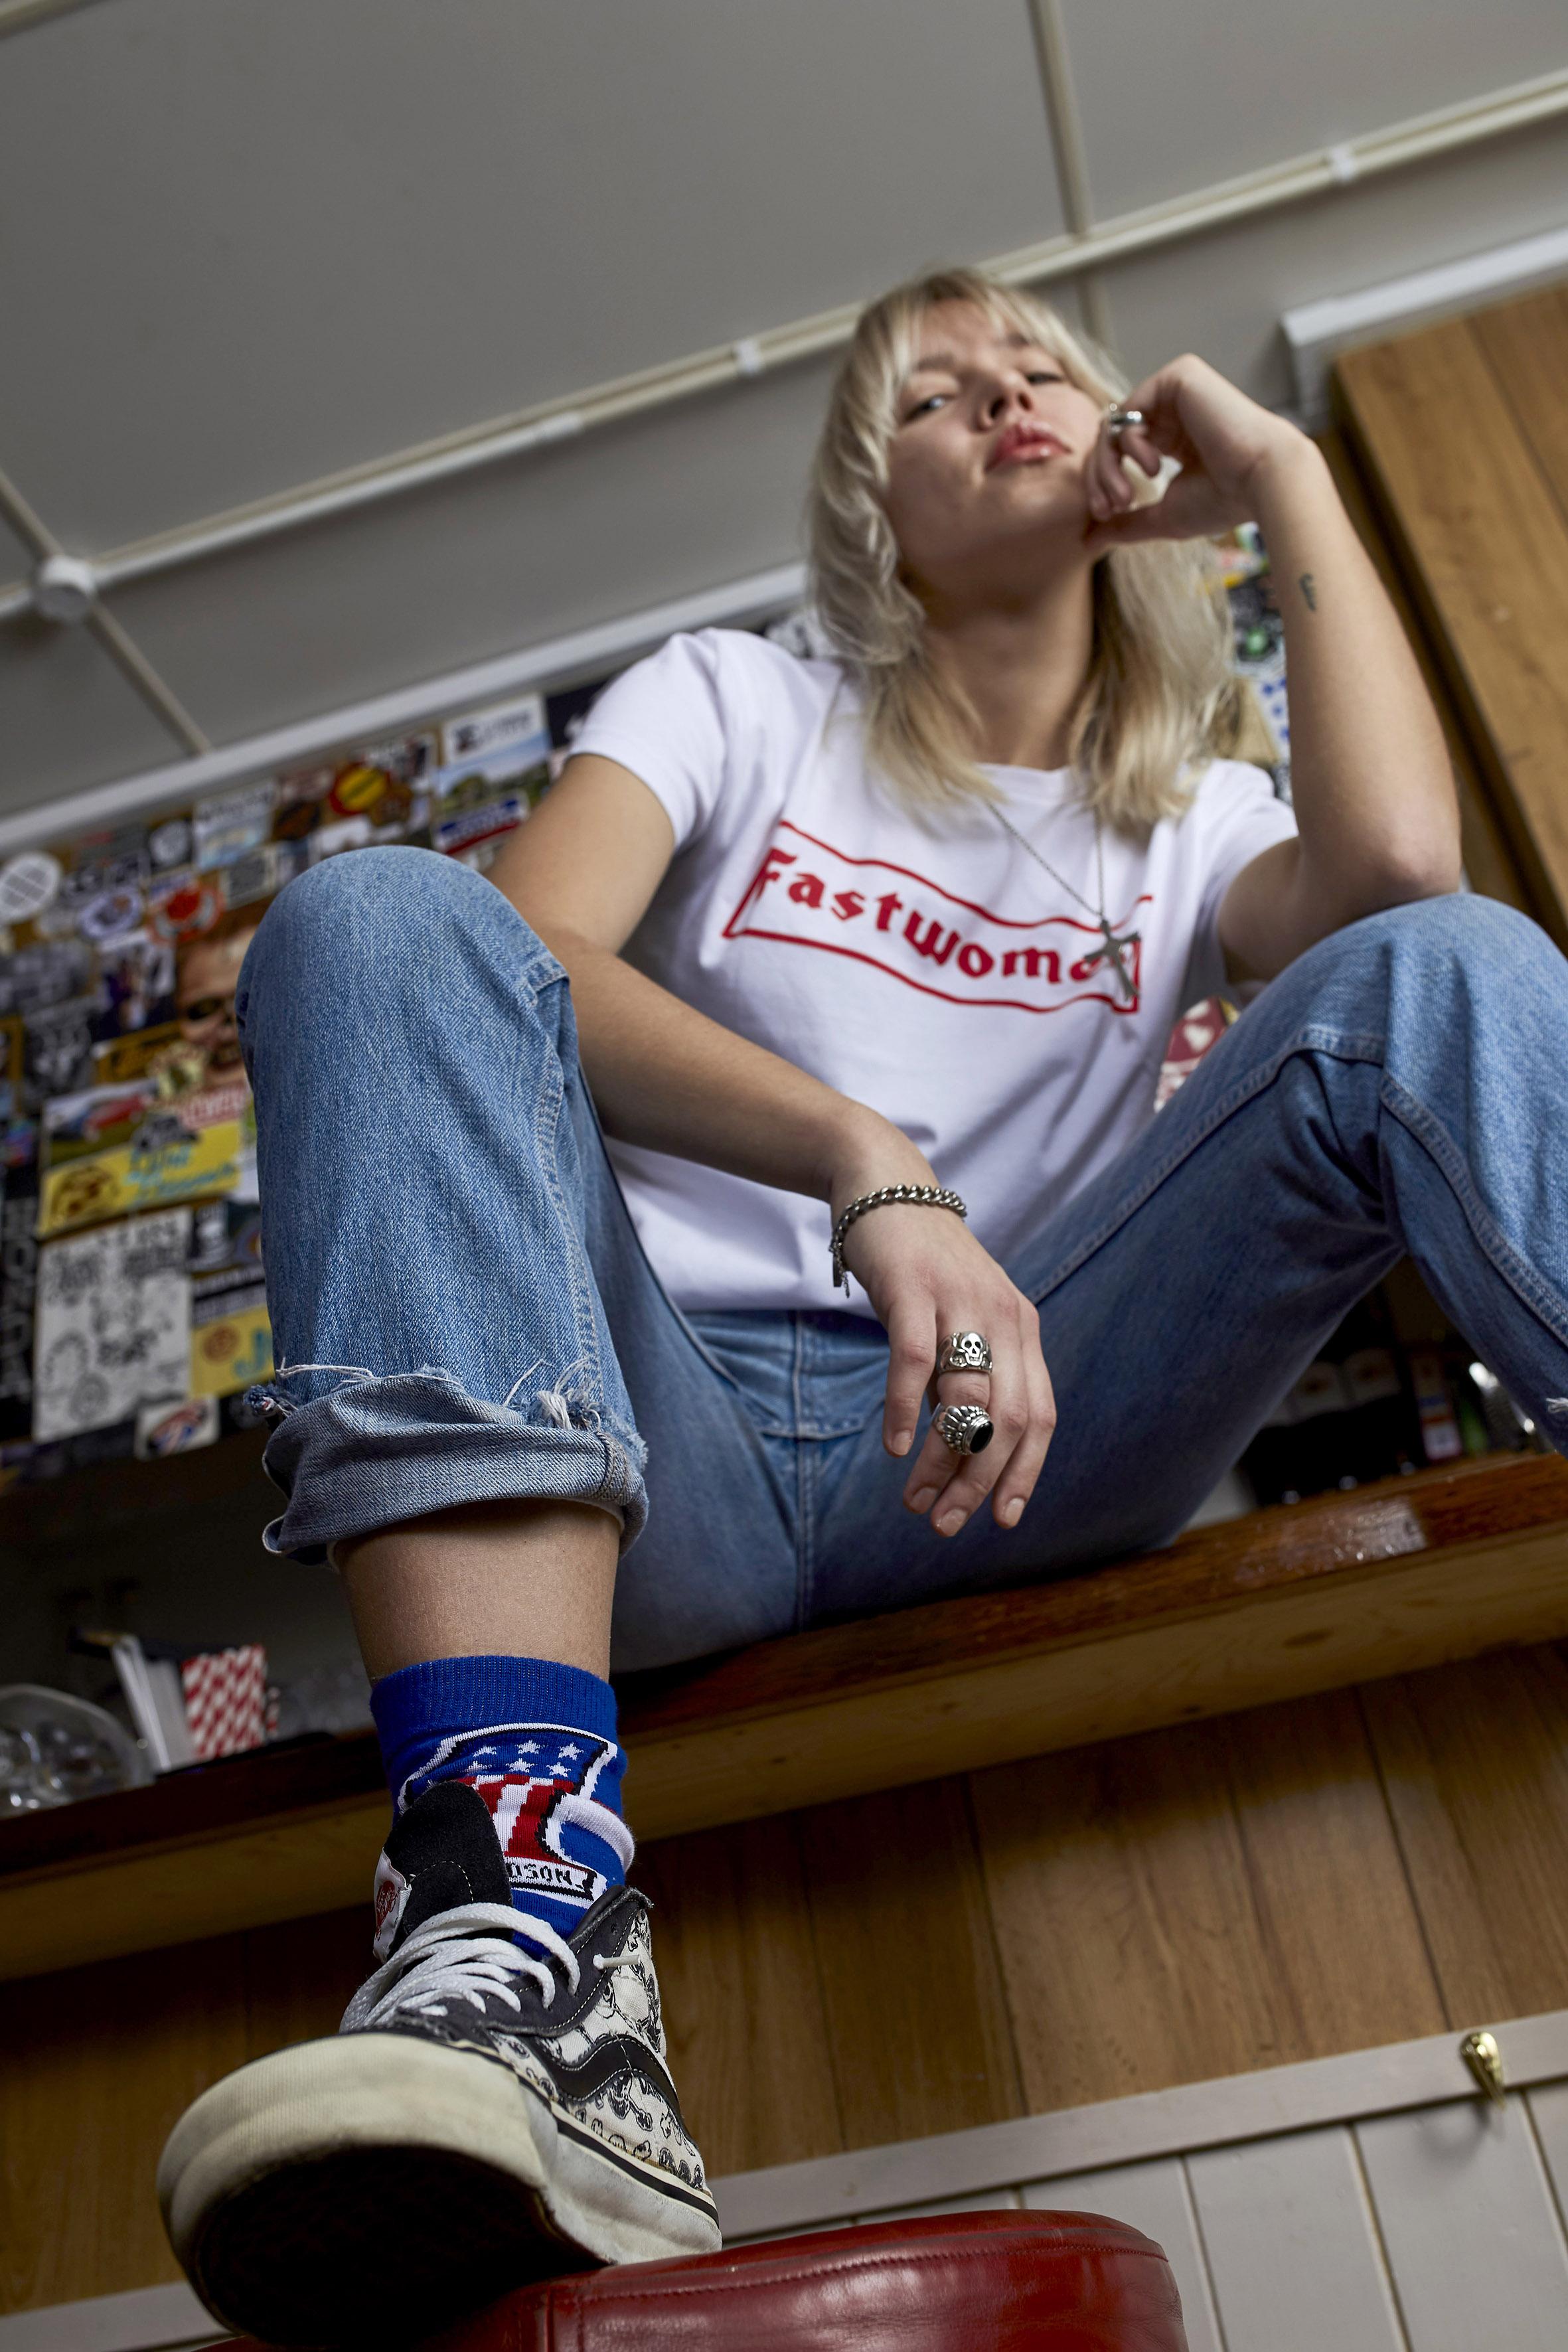 Fast_WomenSS18 lo.jpg